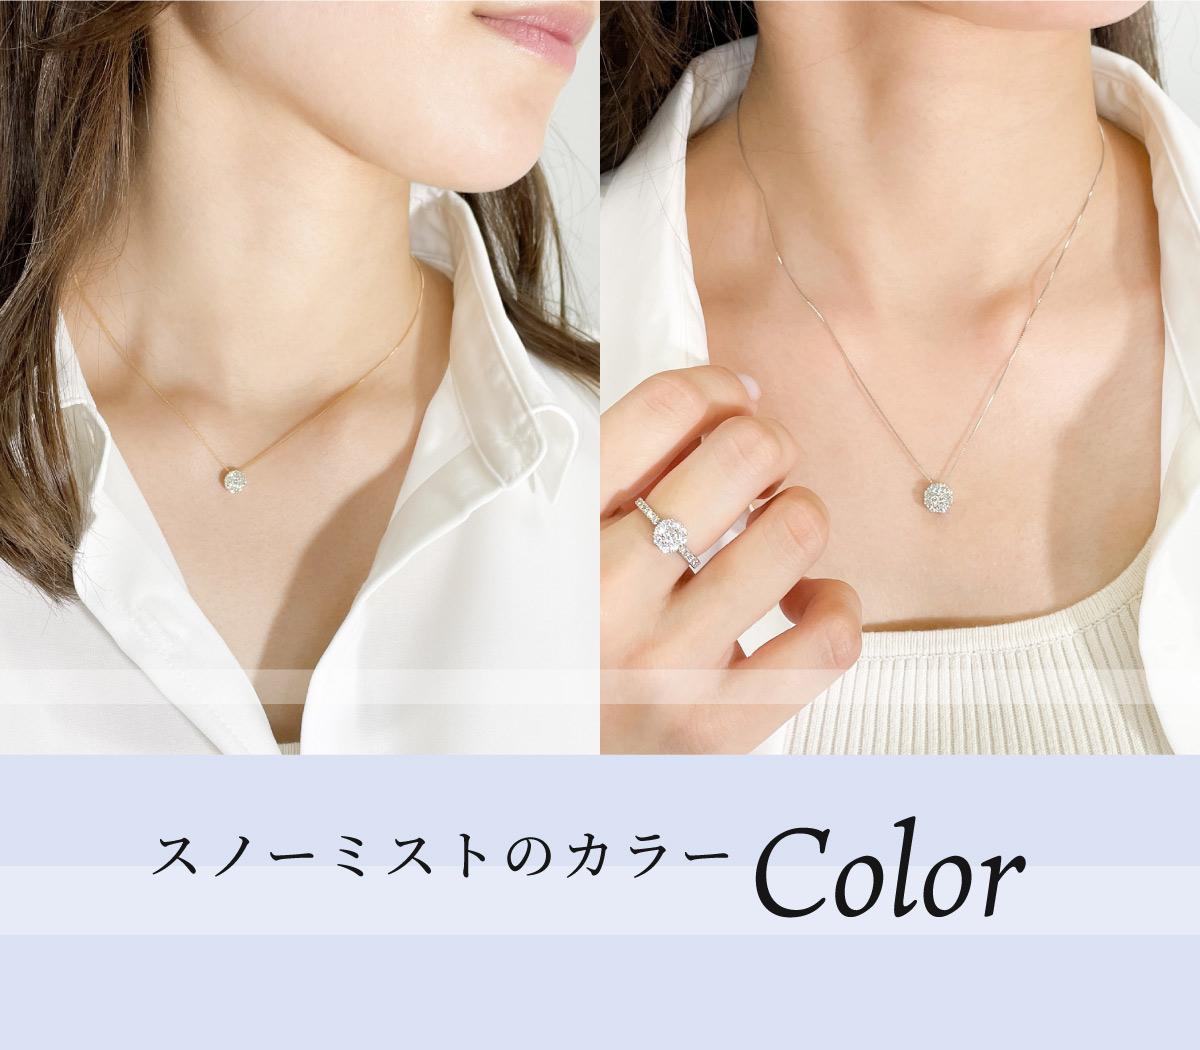 ダイヤモンドネックレスを着用している画像